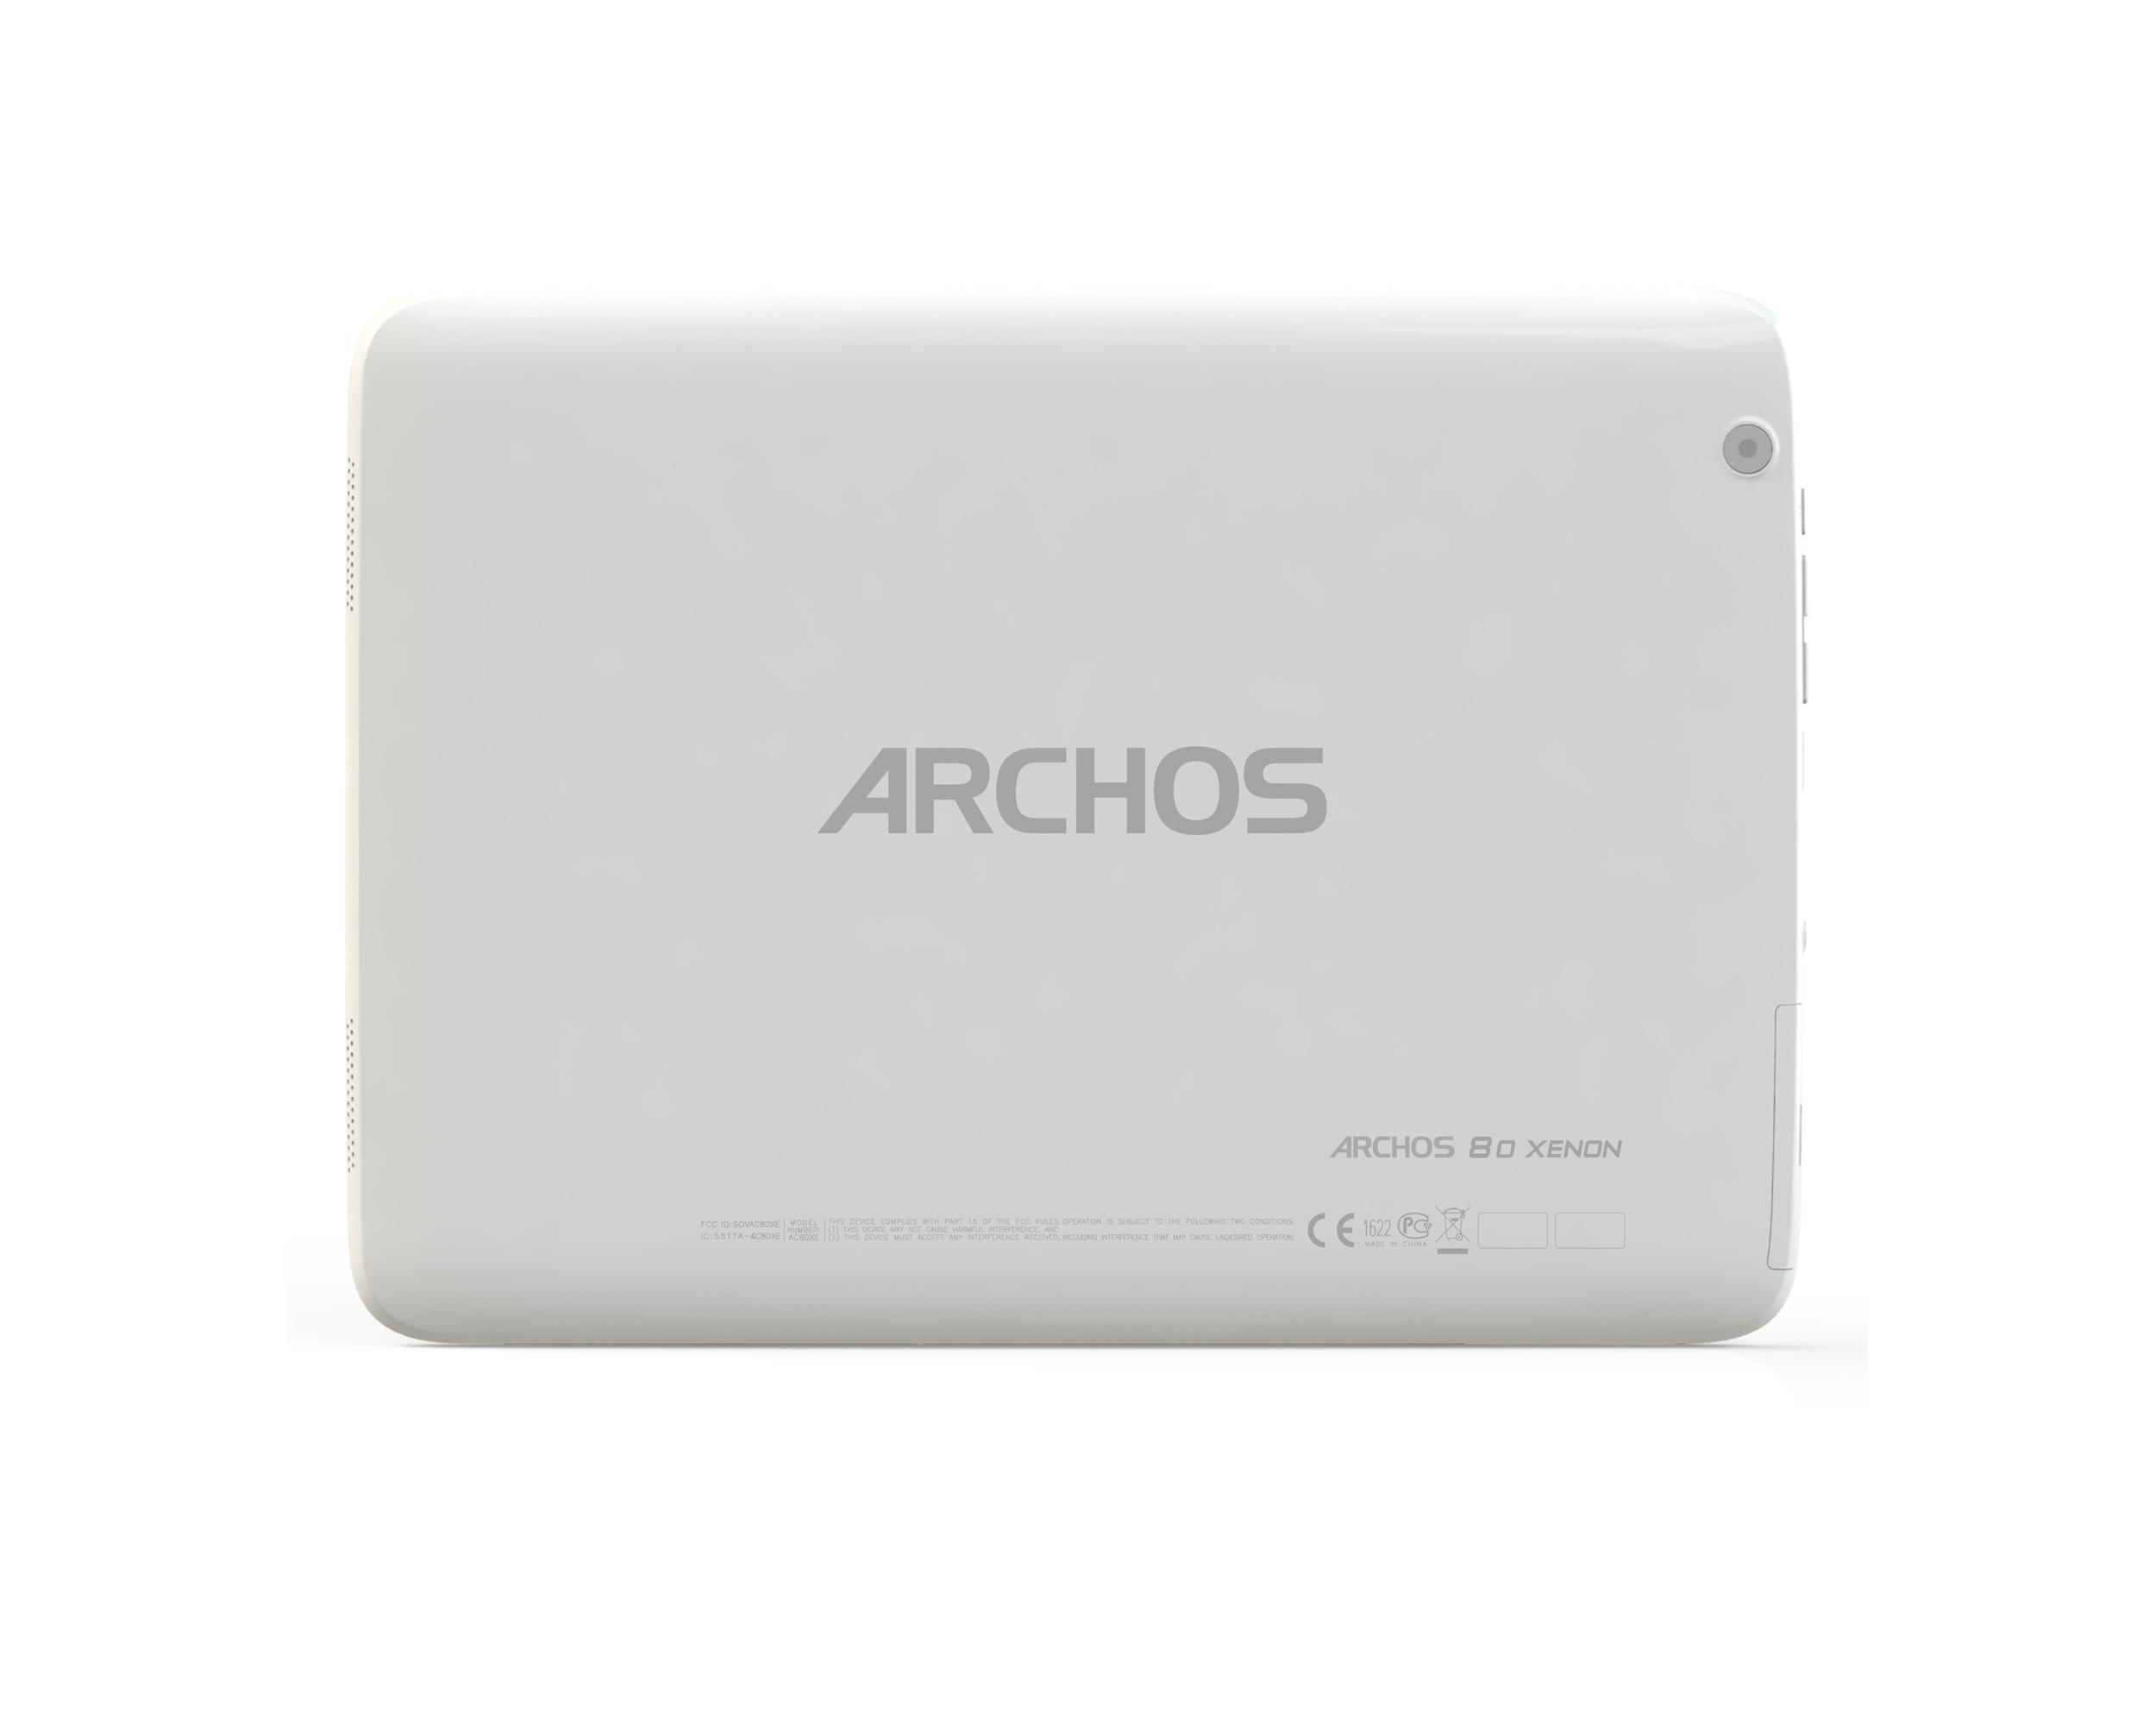 archos_80xenon_Back_hidef_5